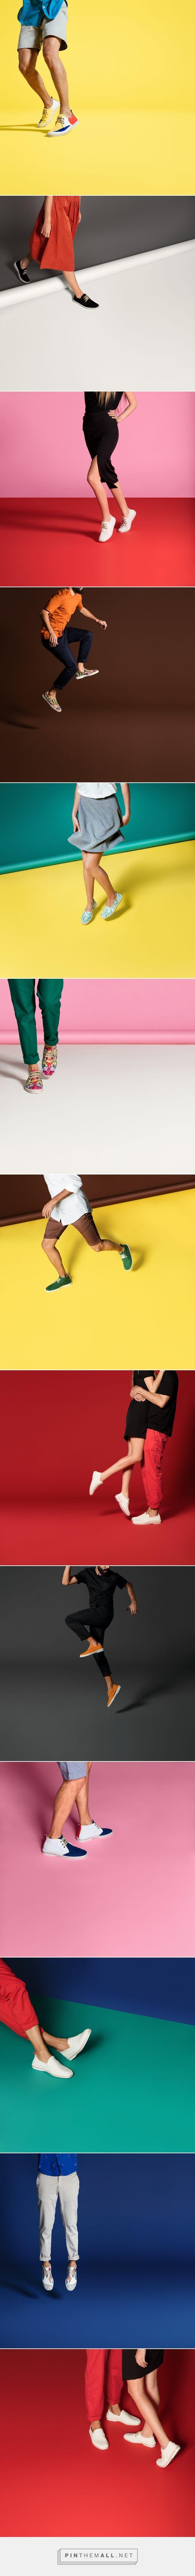 Arrels Barcelona on Behance von Hey Studio … – ein gruppiertes Bild – Pin Them All